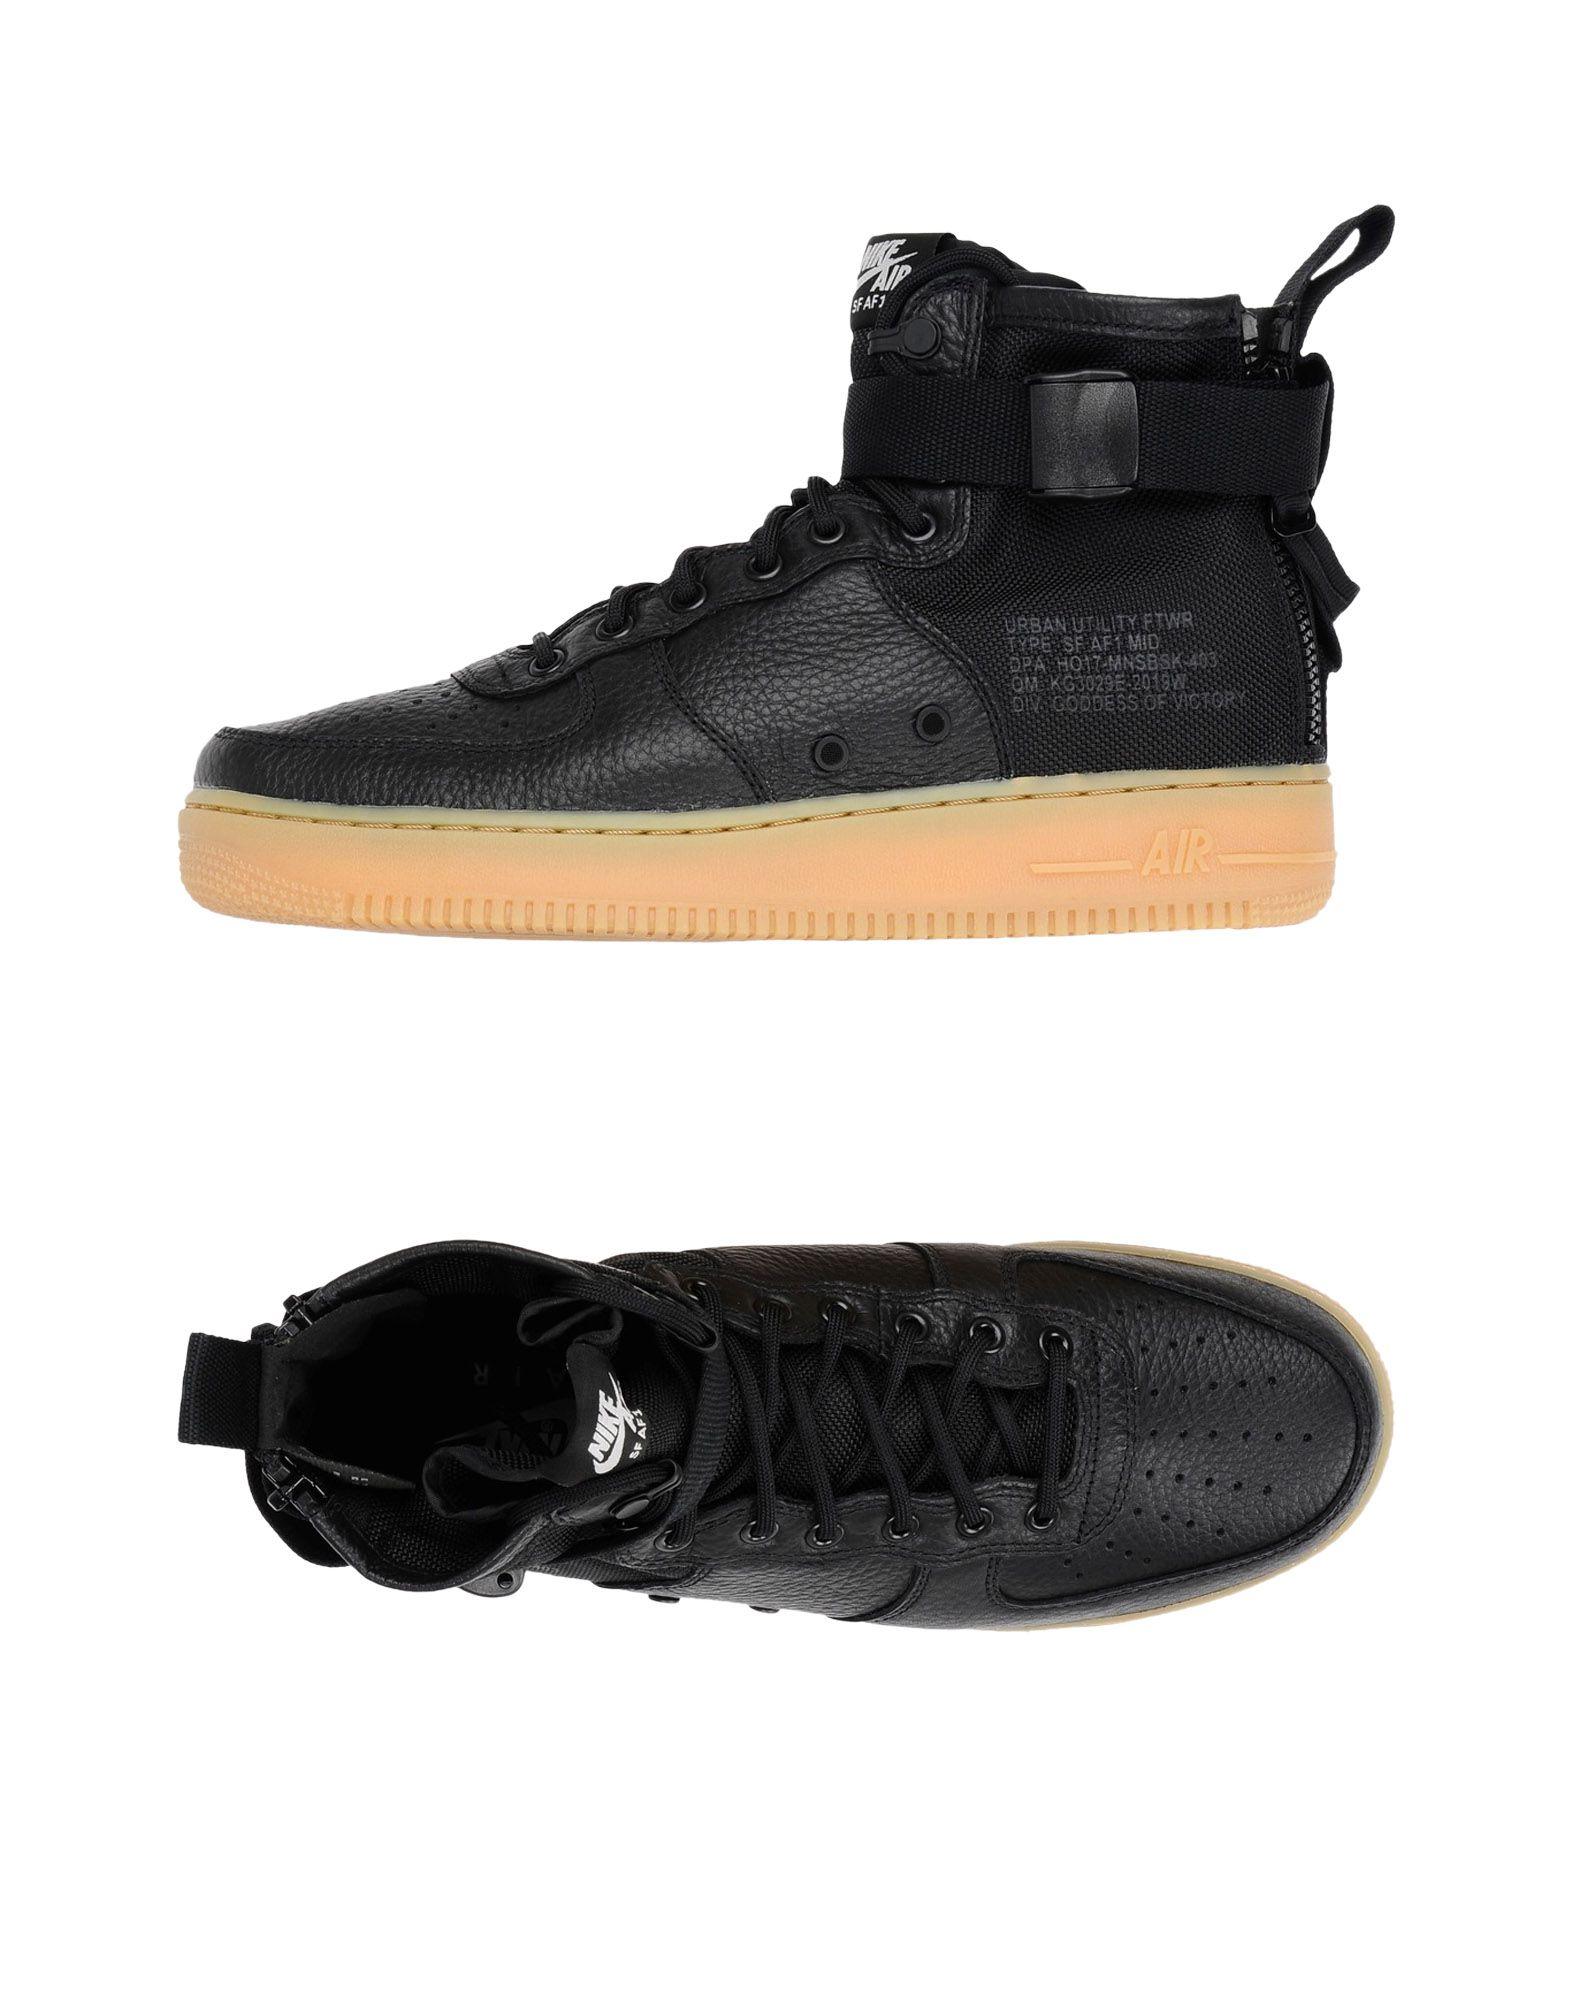 Sneakers Nike Sf Af1 Mid - Homme - Sneakers Nike sur